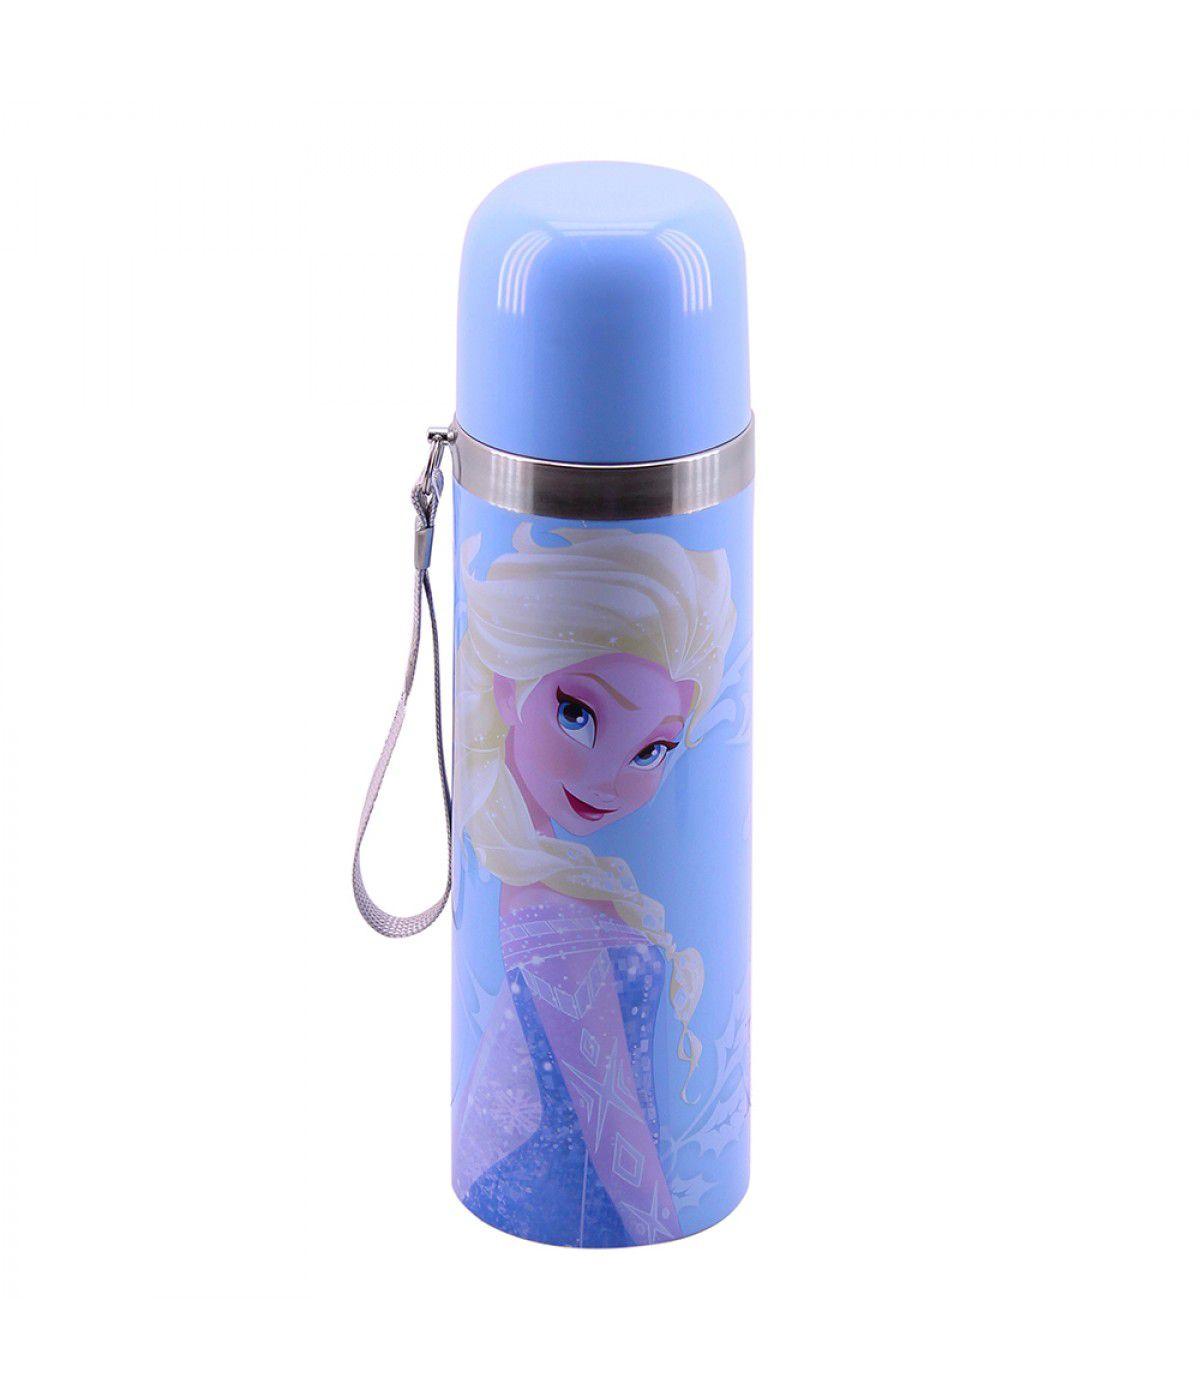 Garrafa Térmica Elsa 500ml Frozen - Disney